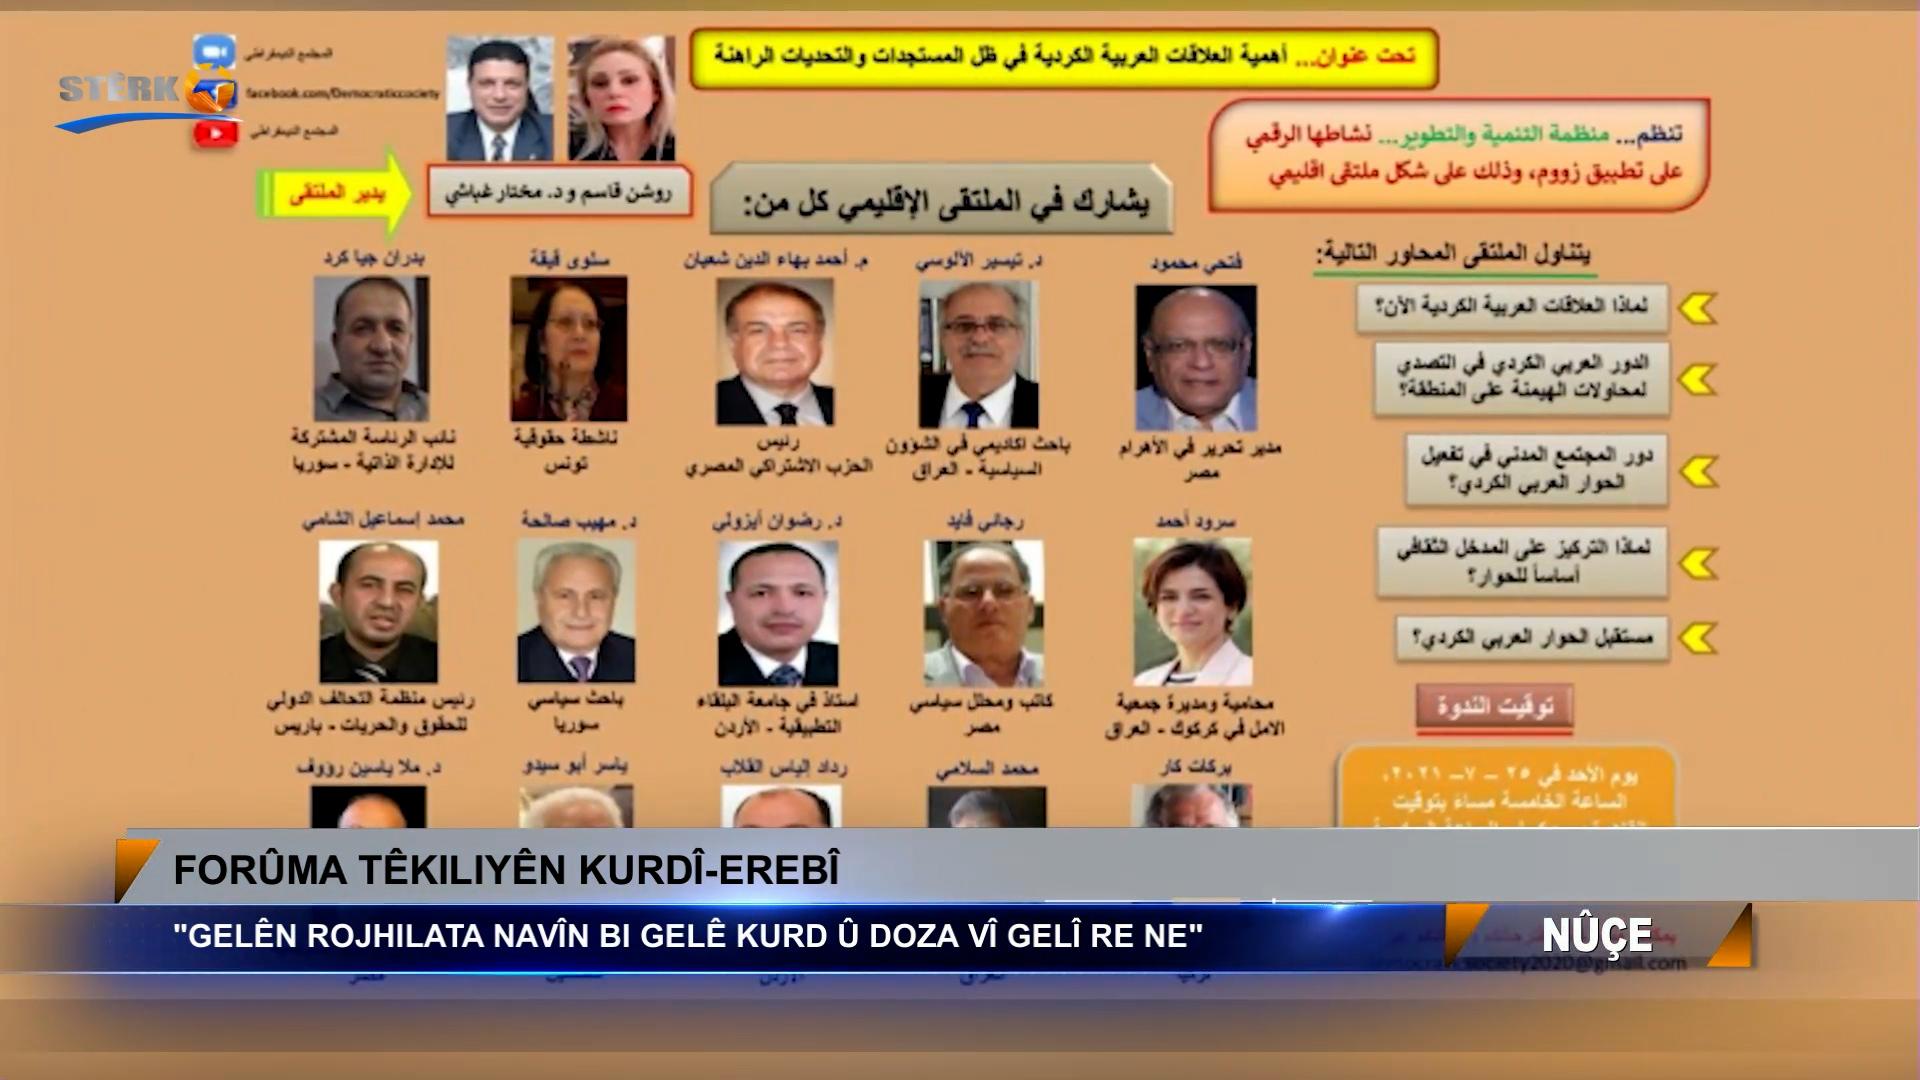 Forûma têkiliyên Kurdî-Erebî: 'Gelên Rojhilata Navîn bi gelê Kurd û doza vî gelî re ne'